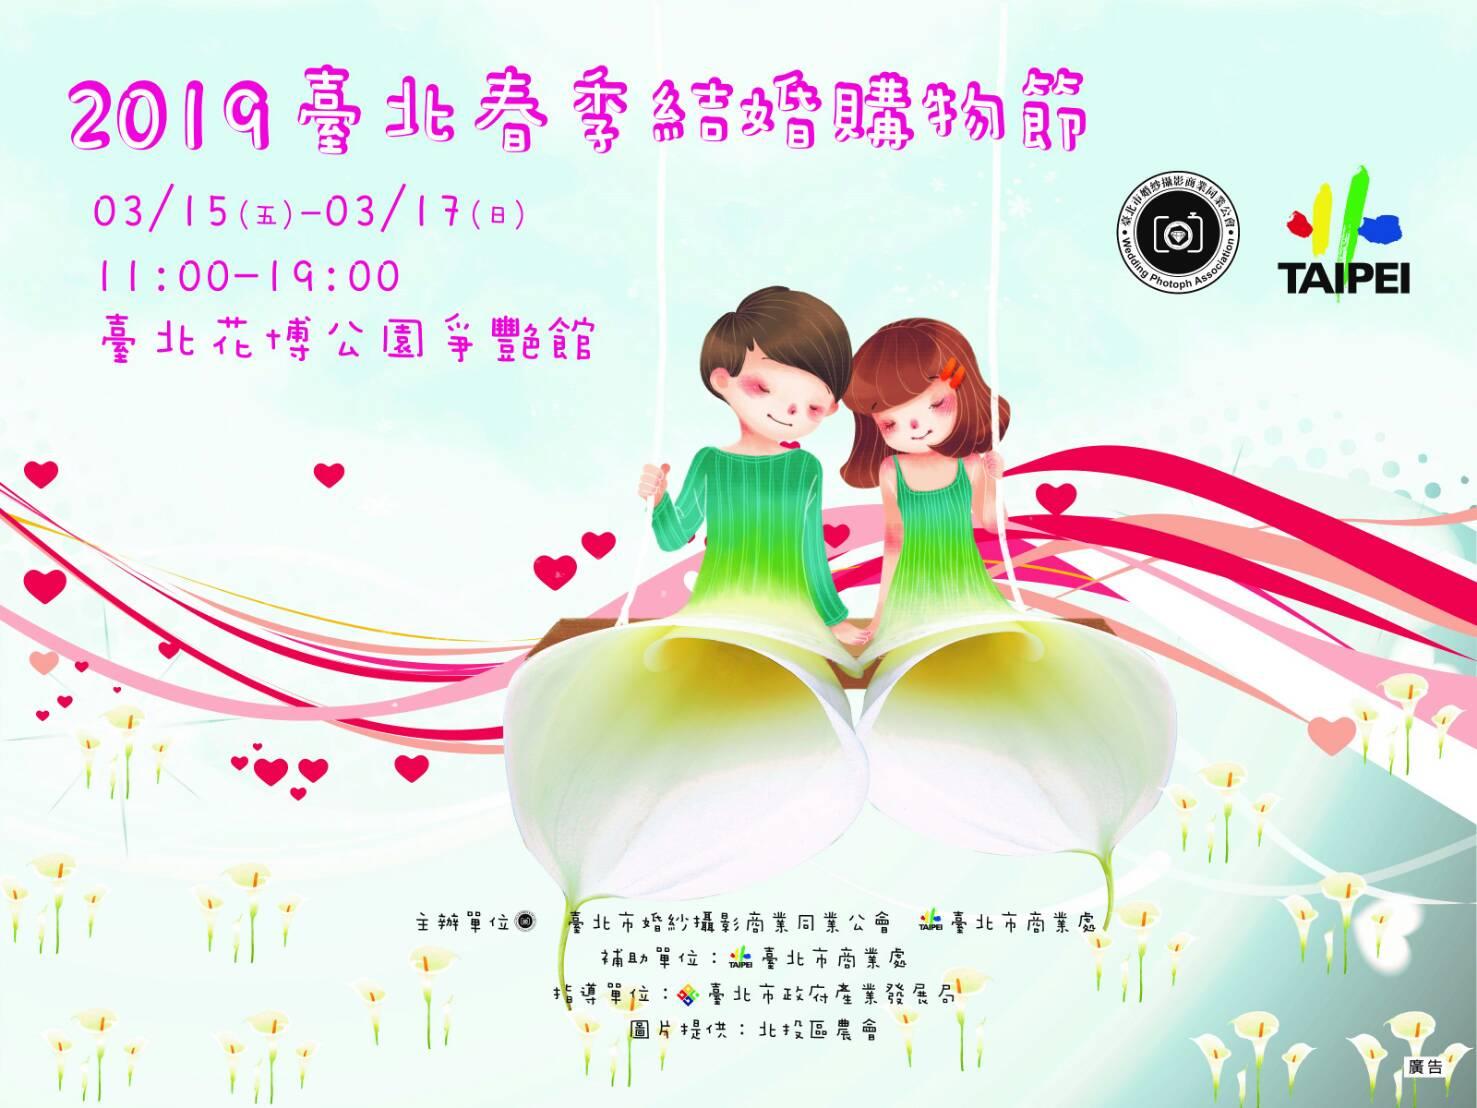 華人婚禮黃頁 2019春季結婚購物節